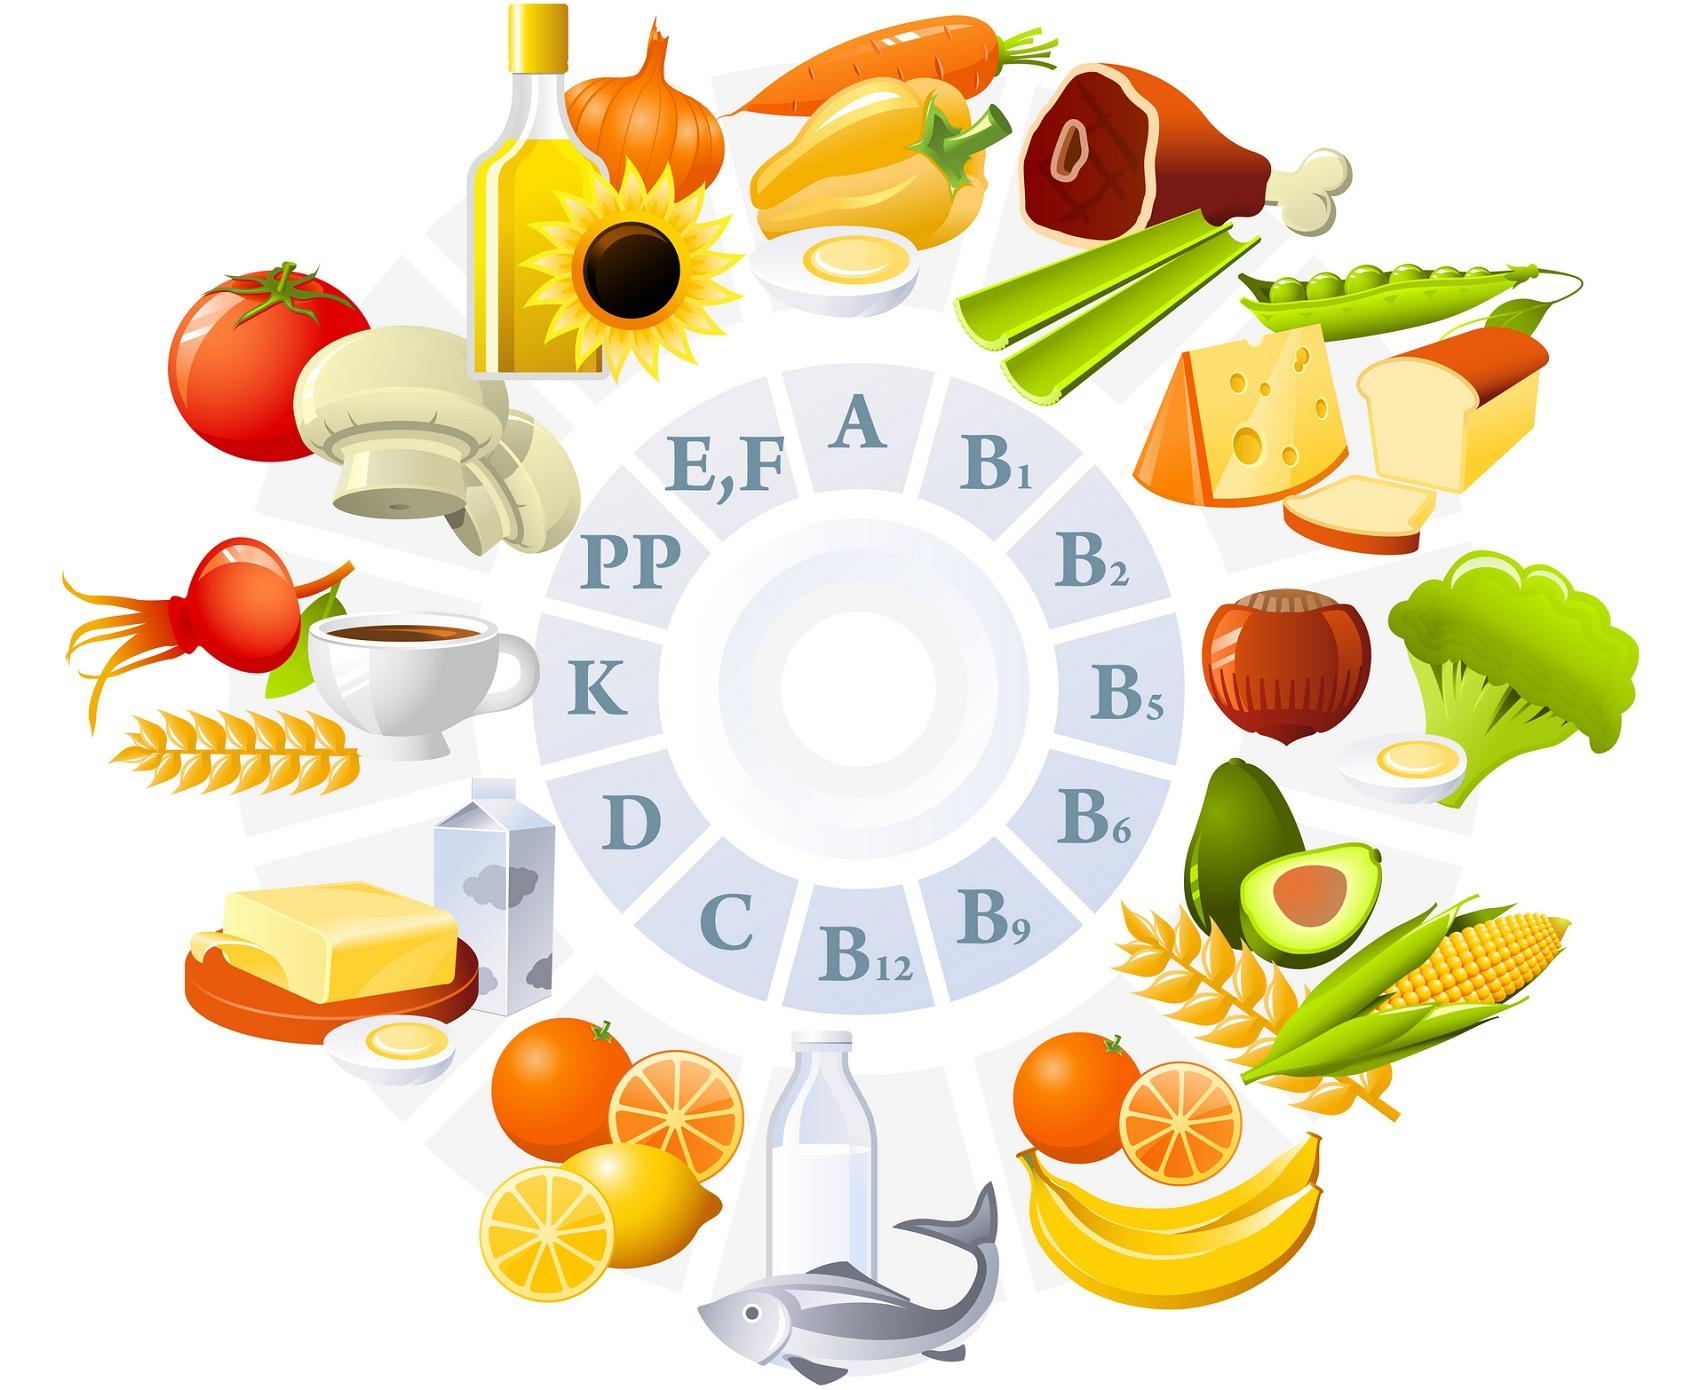 Cung cấp đầy đủ chất dinh dưỡng cho bé